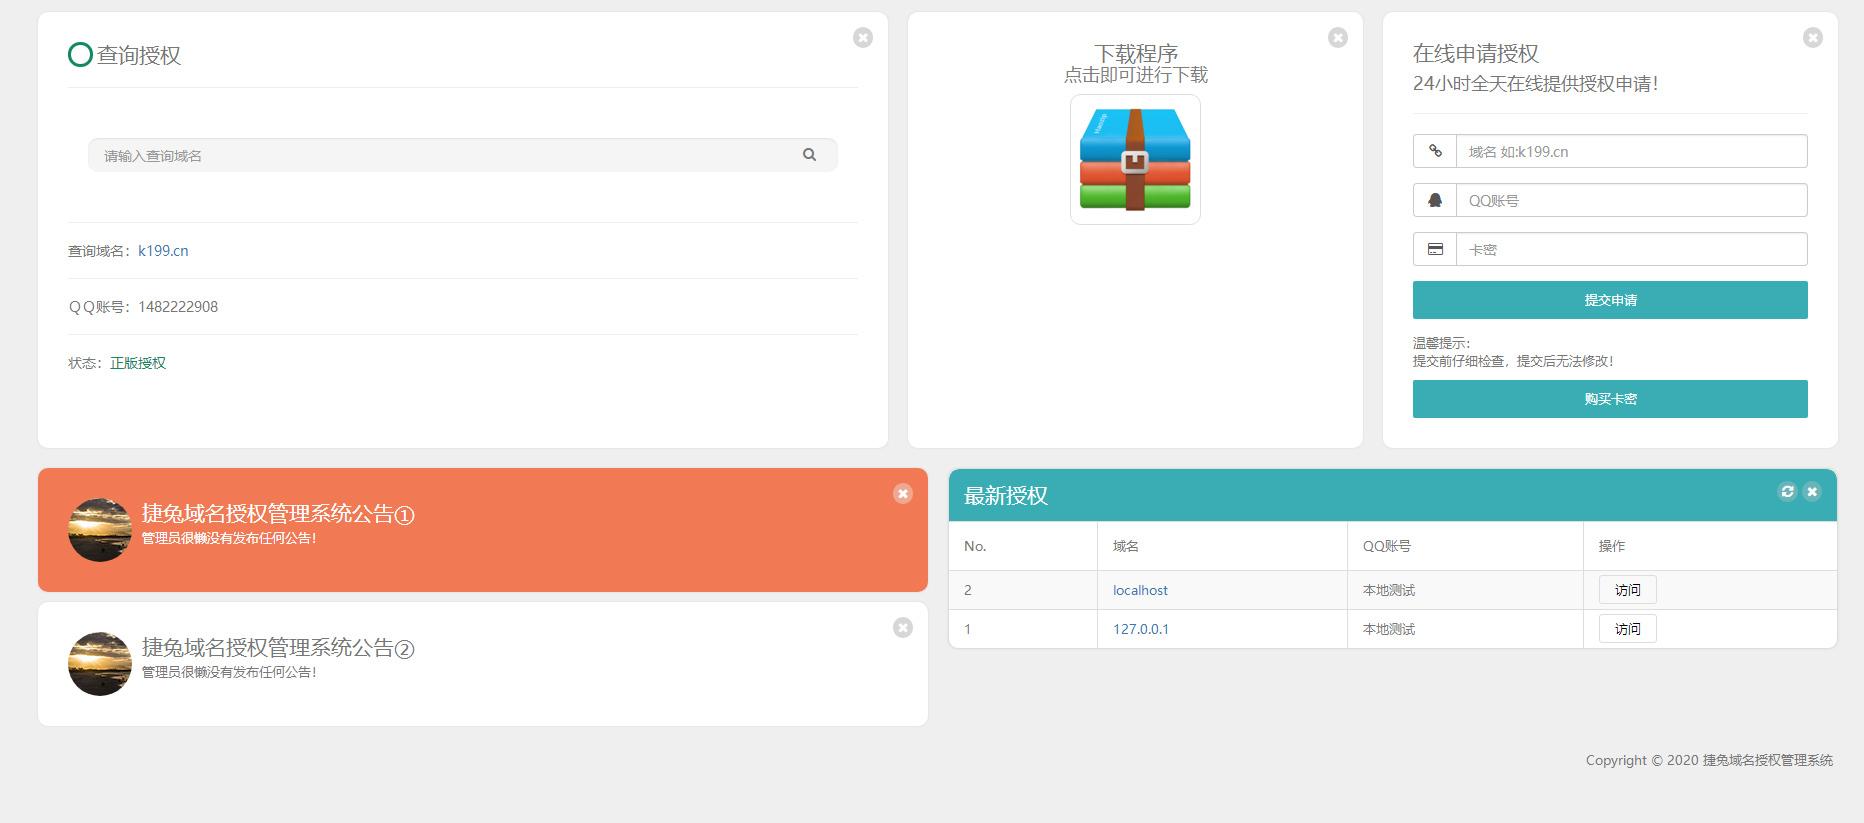 2020首发全新UI设计域名授权管理系统一键安装源码支持卡密自助授权-找主题源码